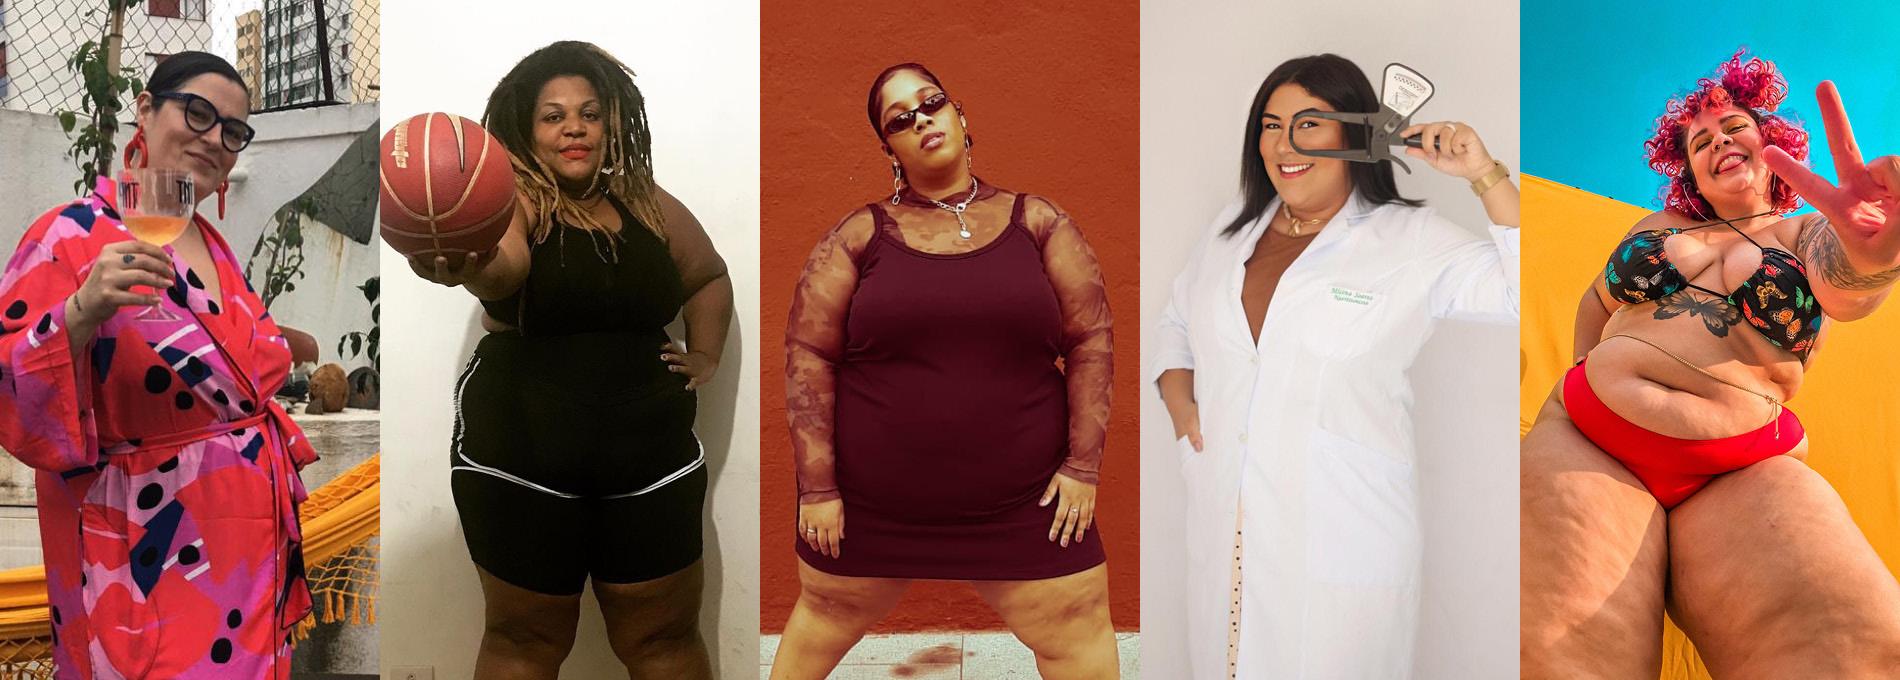 Desafiando crenças gordofóbicas